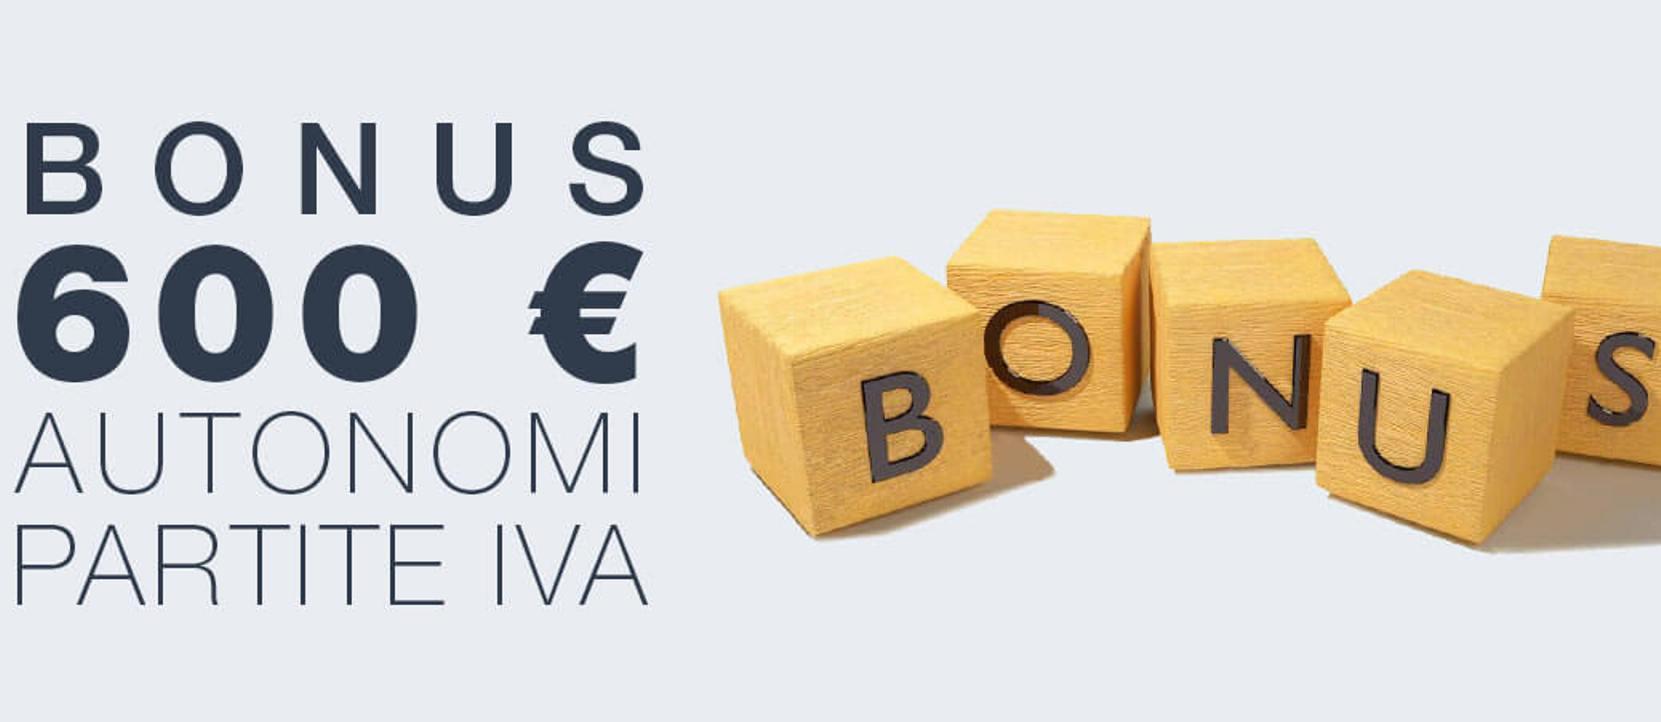 Bonus 600 Euro Autonomi E Partite IVA